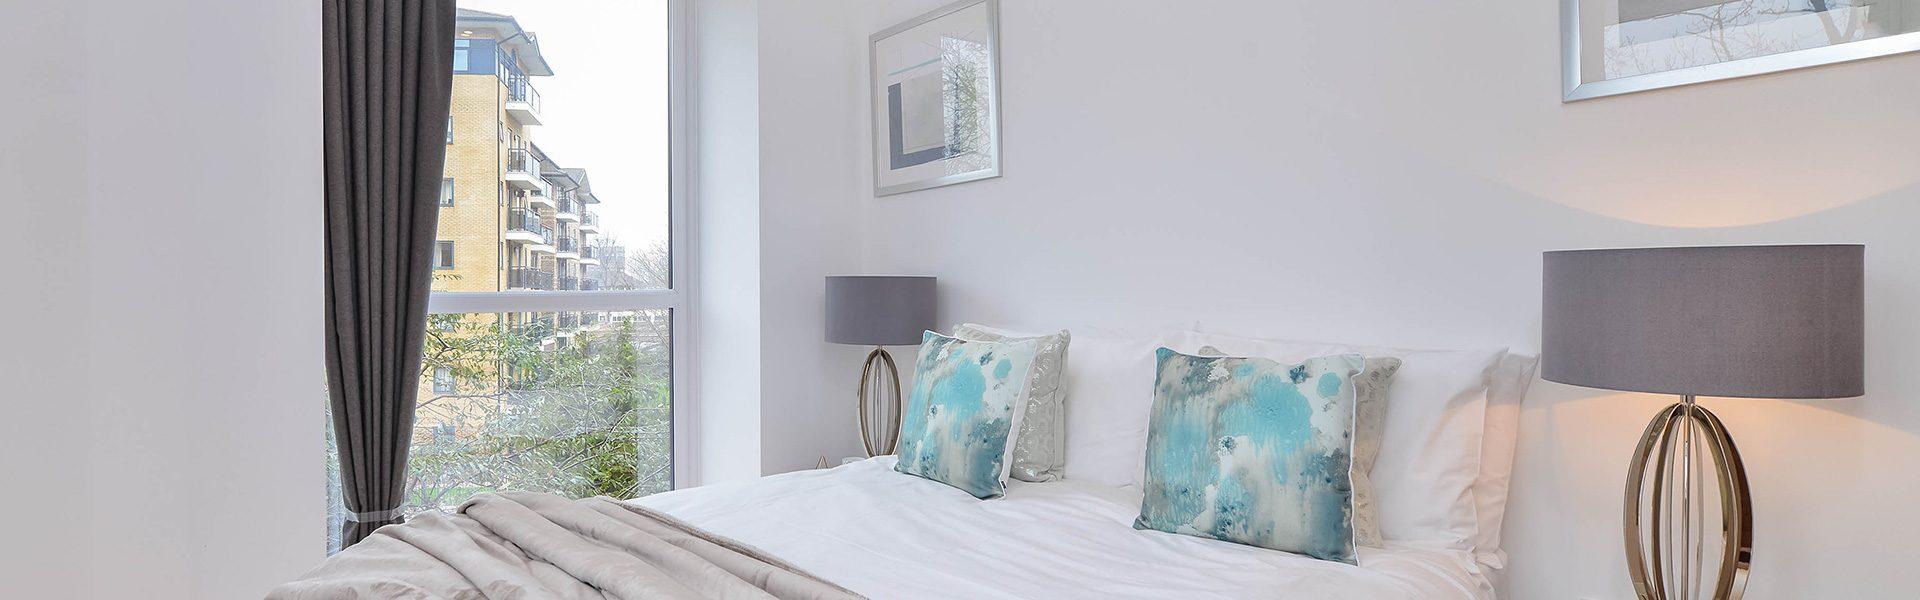 Way of Life - Bedford Park - Bedroom